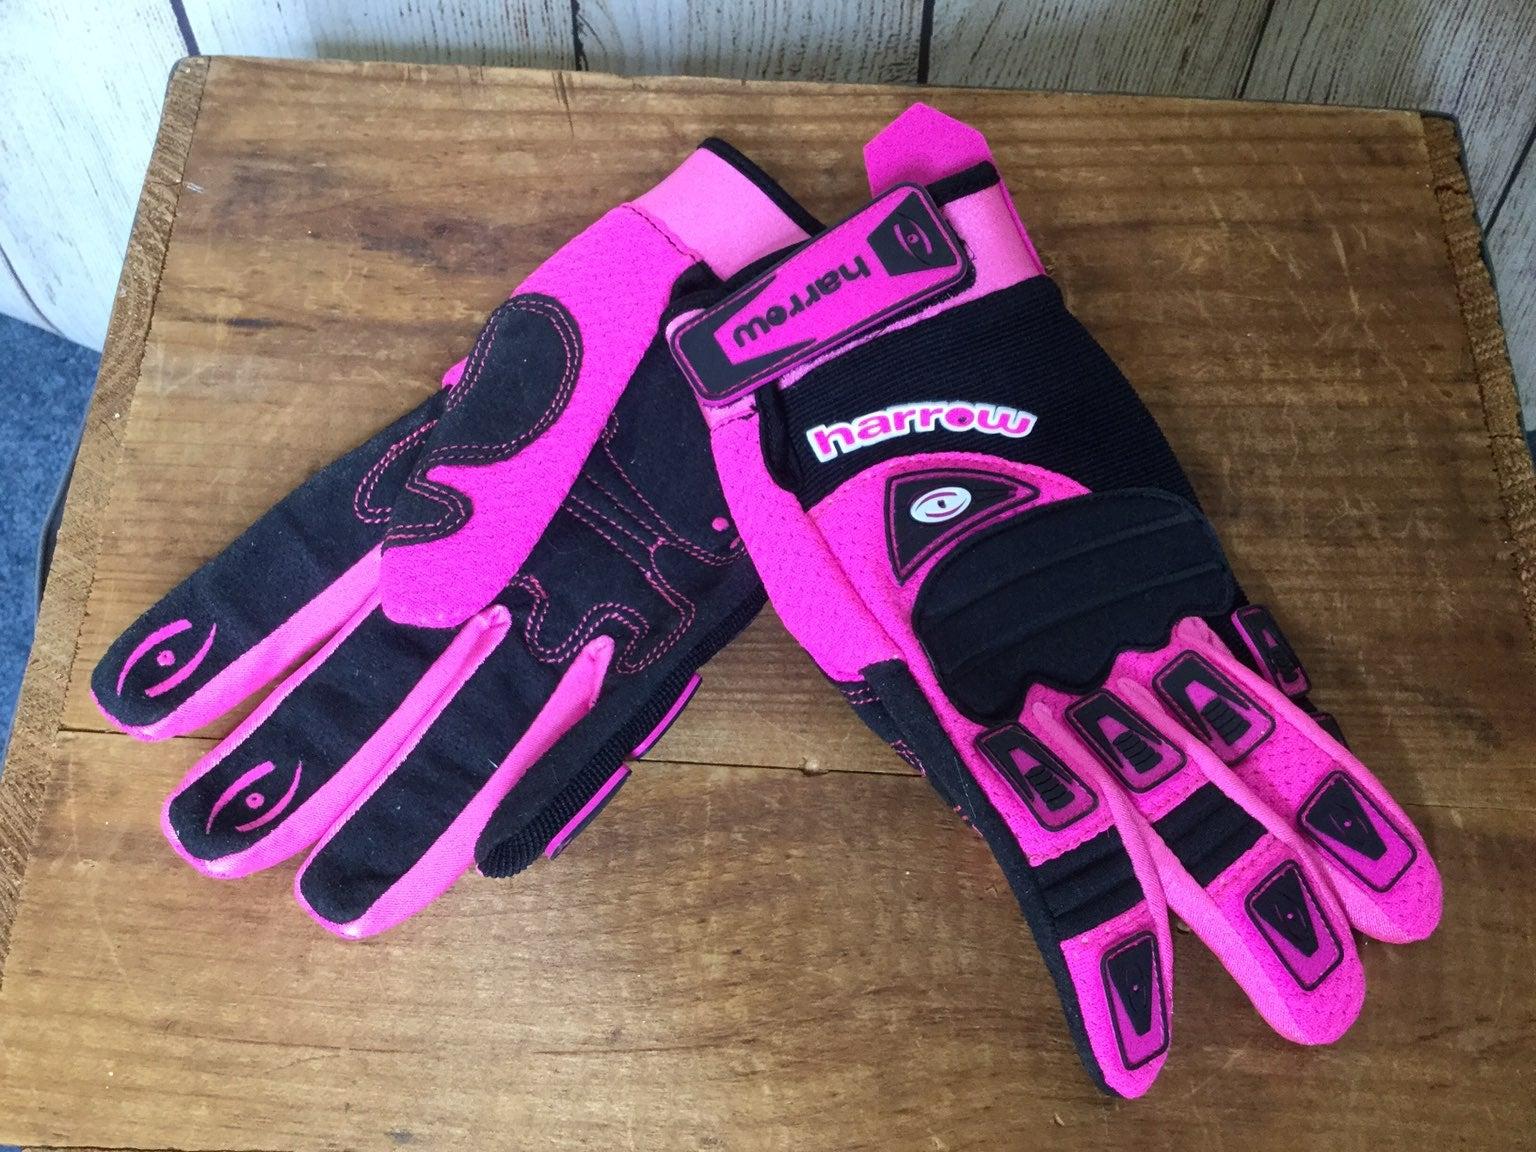 Harrow Womens Lacrosse Gloves